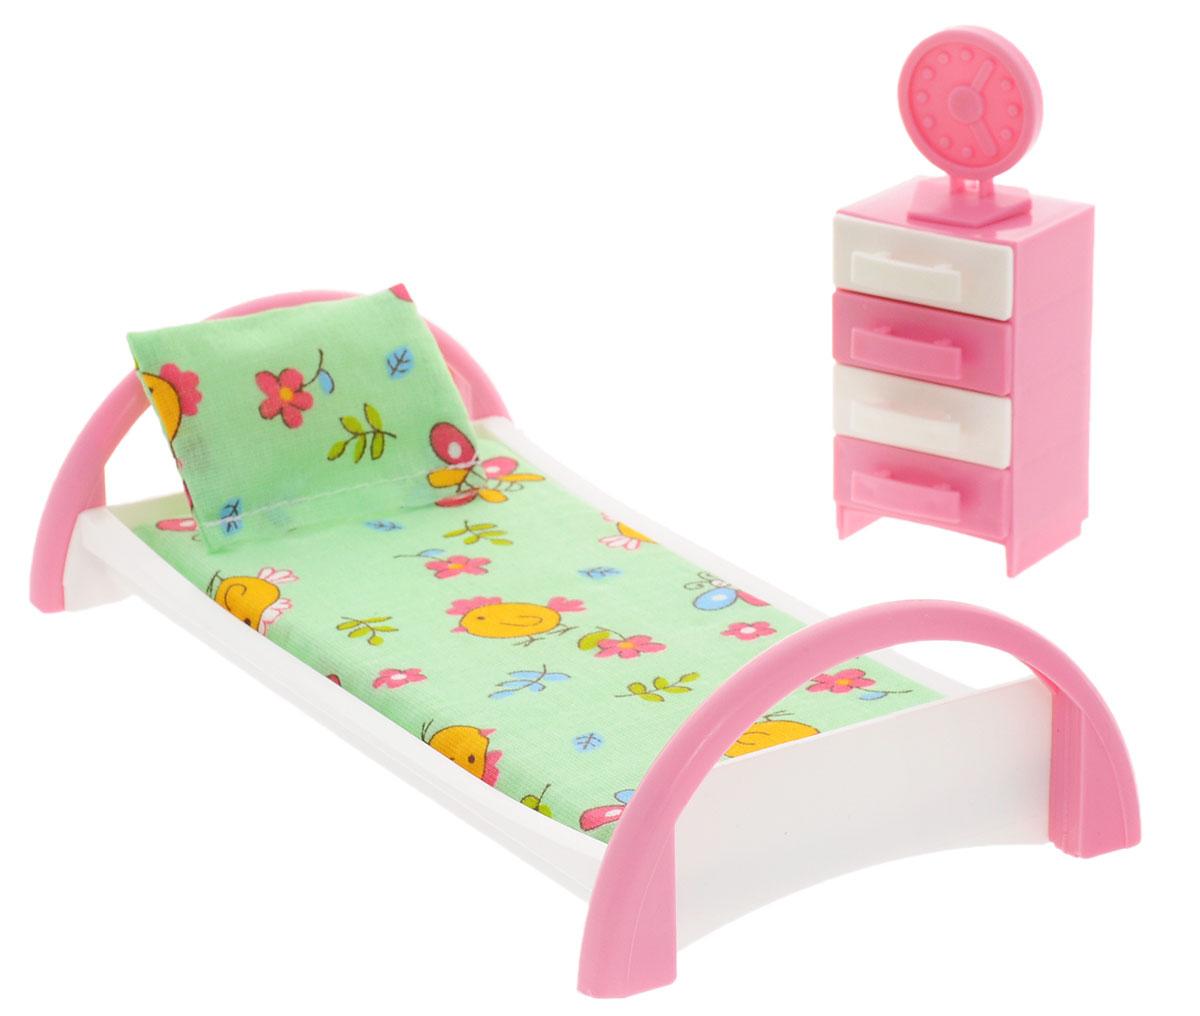 Форма Набор мебели для кукол Кровать с тумбочкой цвет зеленый как паралон для мебели в уфе